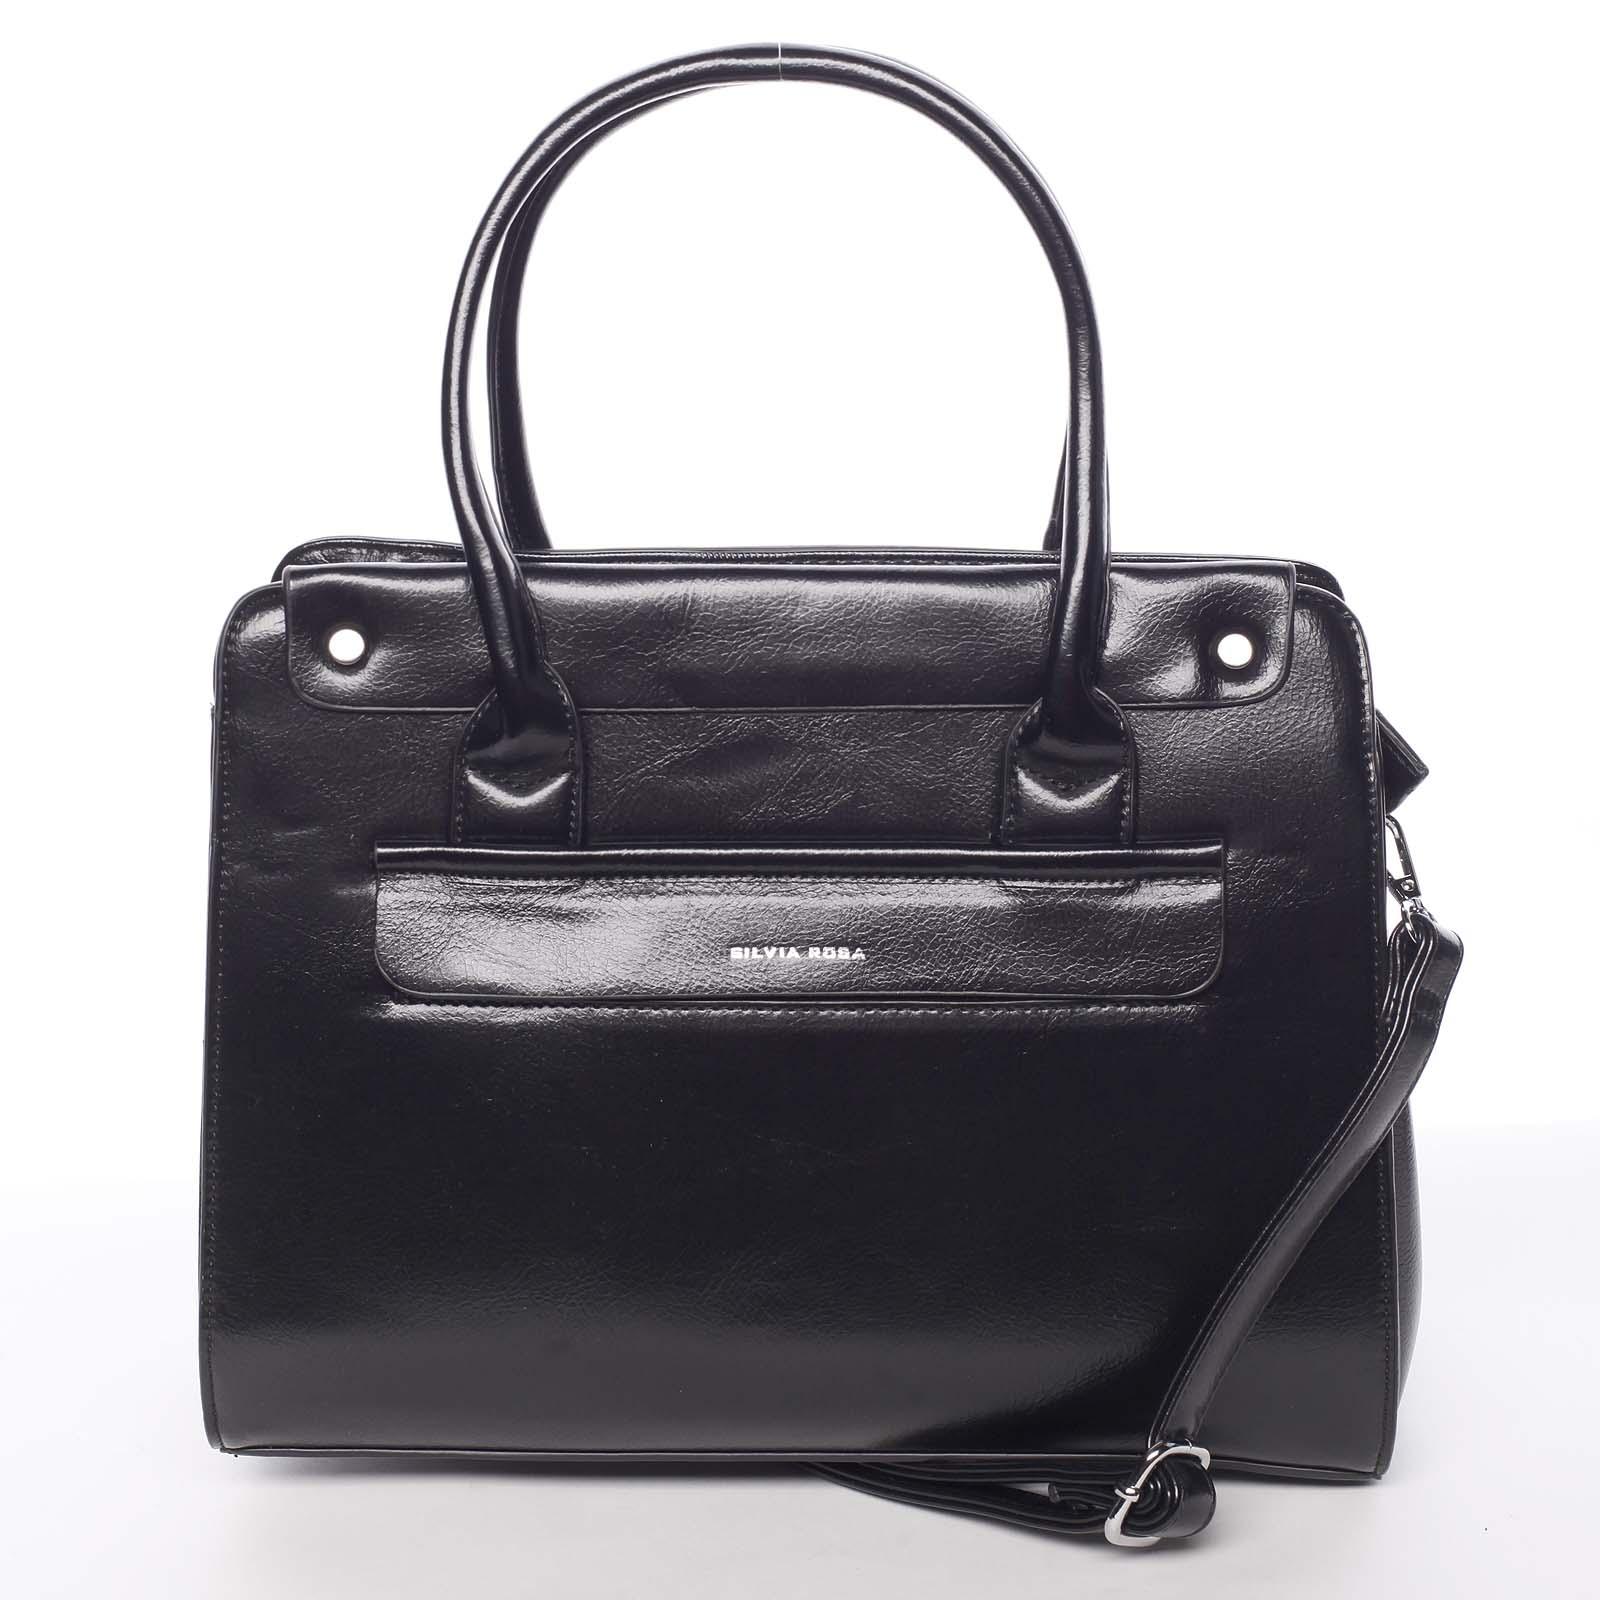 Elegantní pevná dámská kabelka do ruky černá - Silvia Rosa Takeon černá